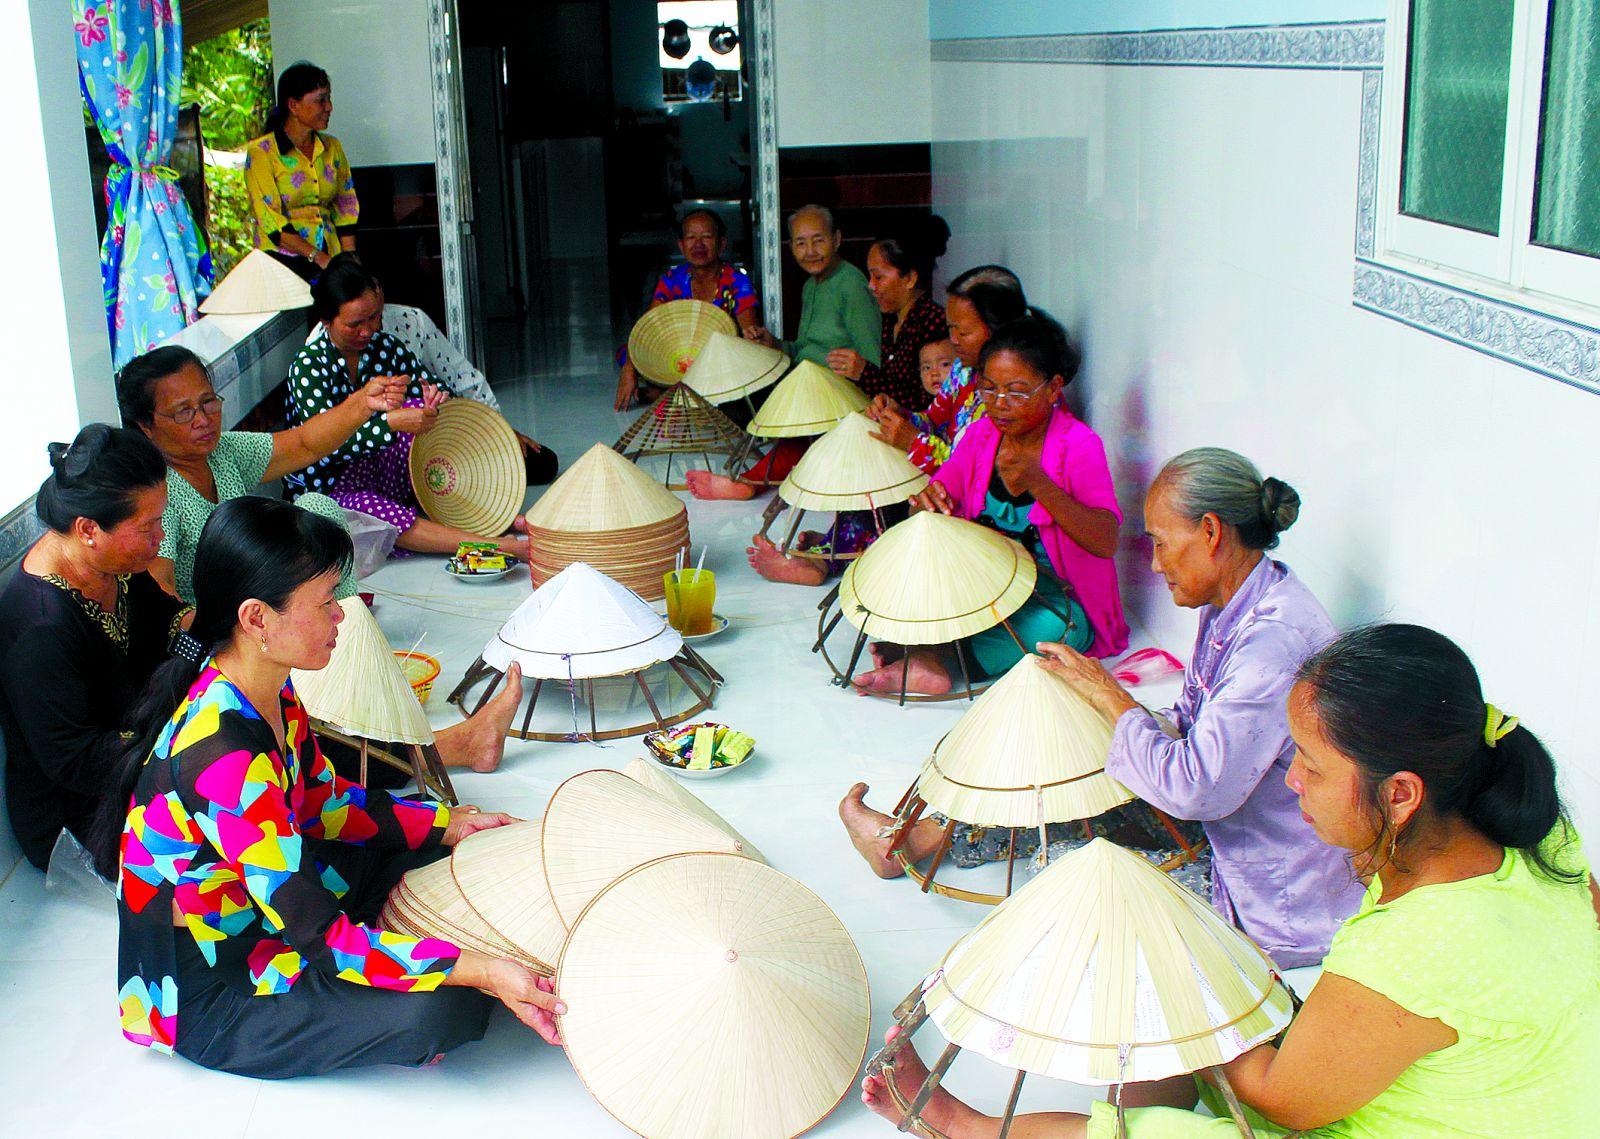 """Tổ liên kết """"Phụ nữ chằm nón lá"""" ở ấp Thới Phước, thị trấn Thới Lai giúp phụ nữ tăng thu nhập, phát triển  kinh tế gia đình."""